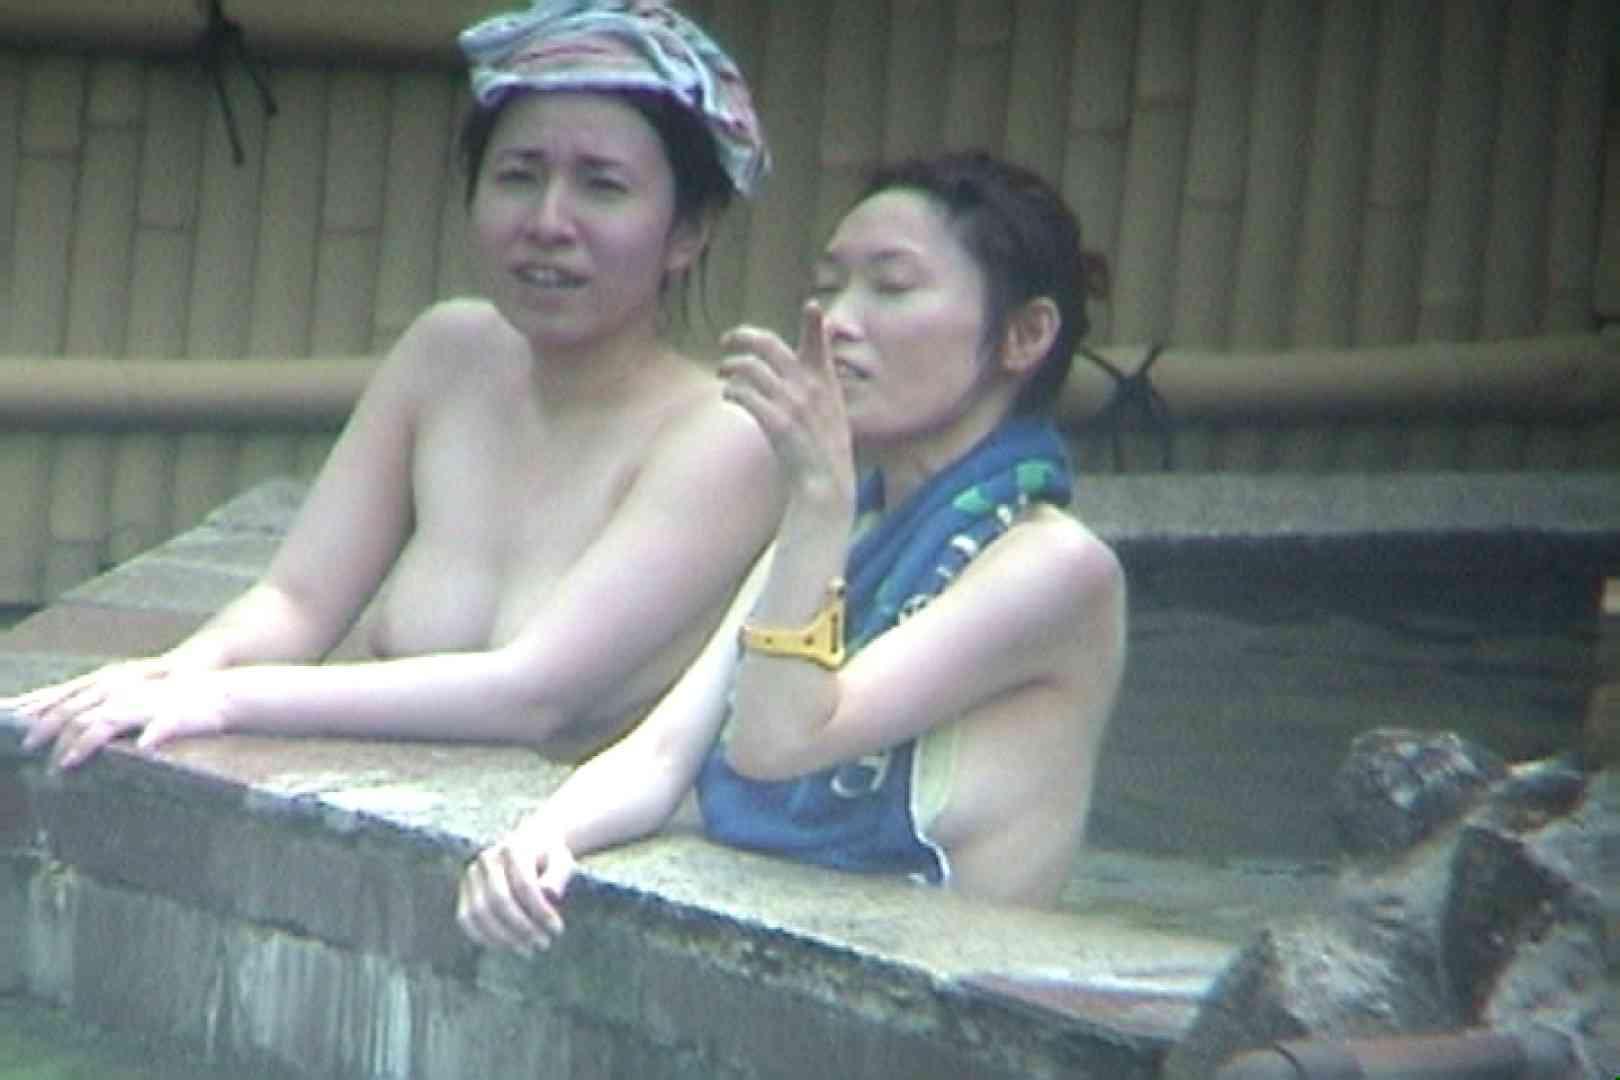 Aquaな露天風呂Vol.106 露天風呂 | 盗撮  68連発 1